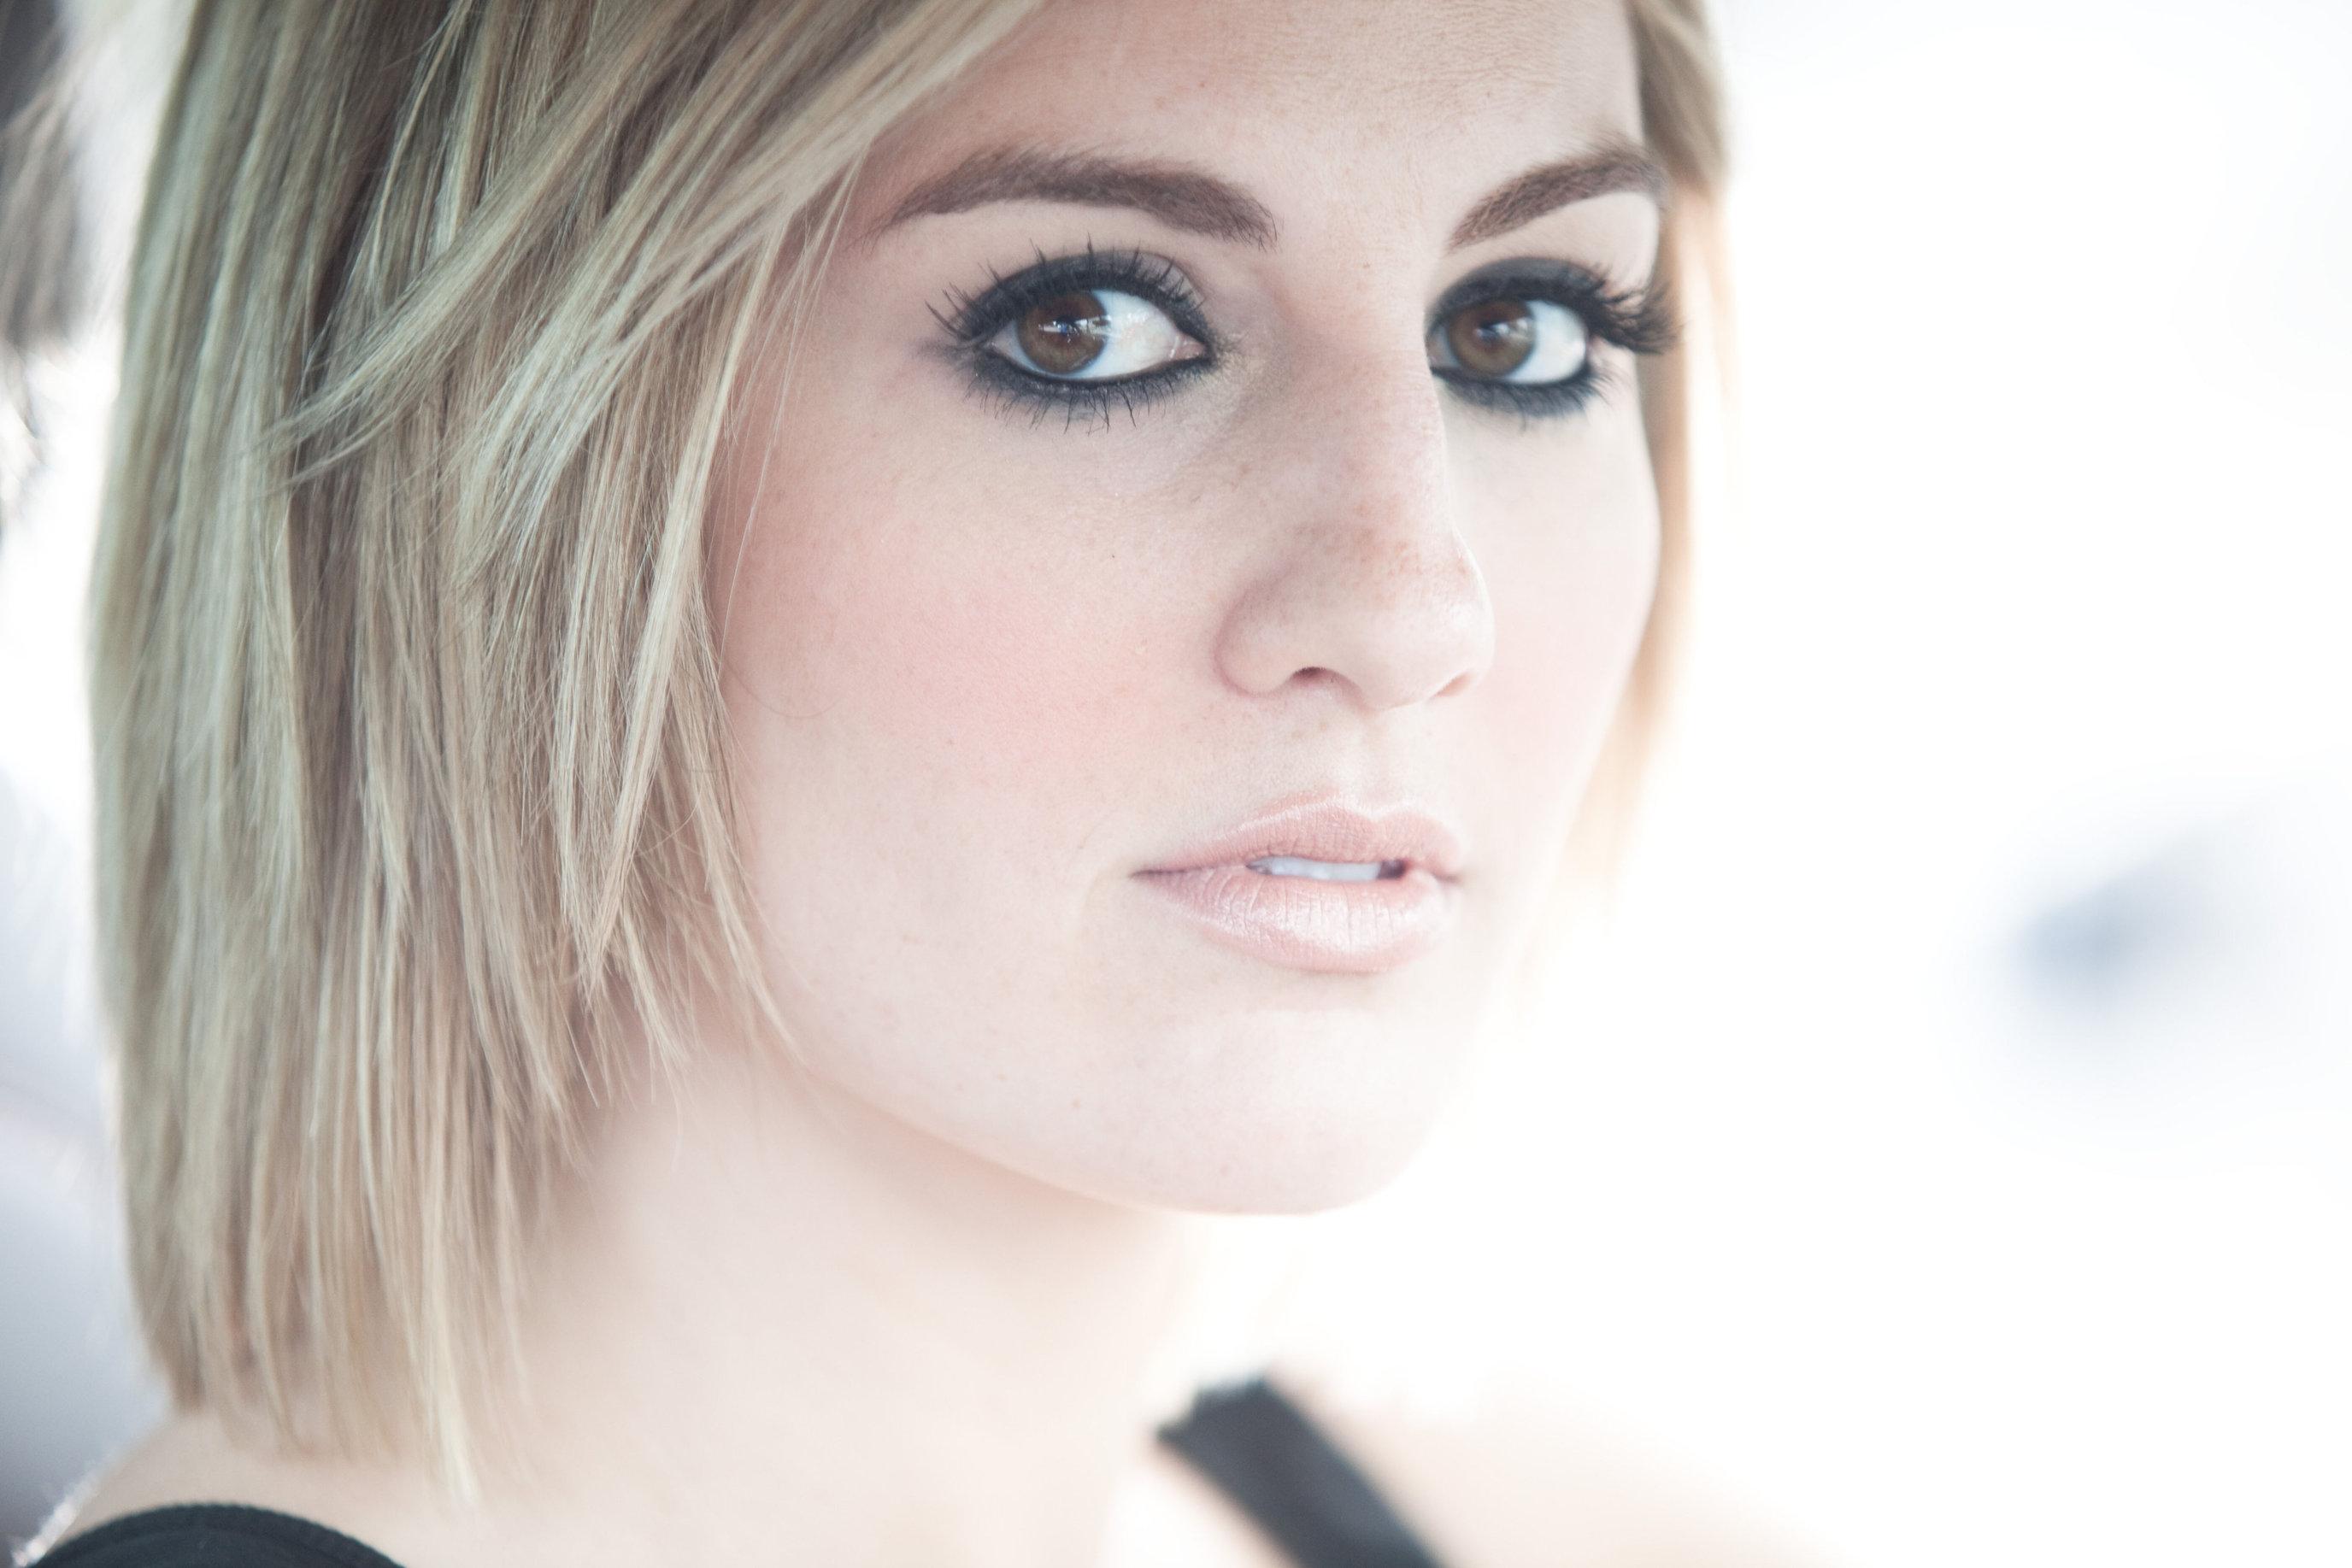 Alison Haislip Collin Stark photoshoot